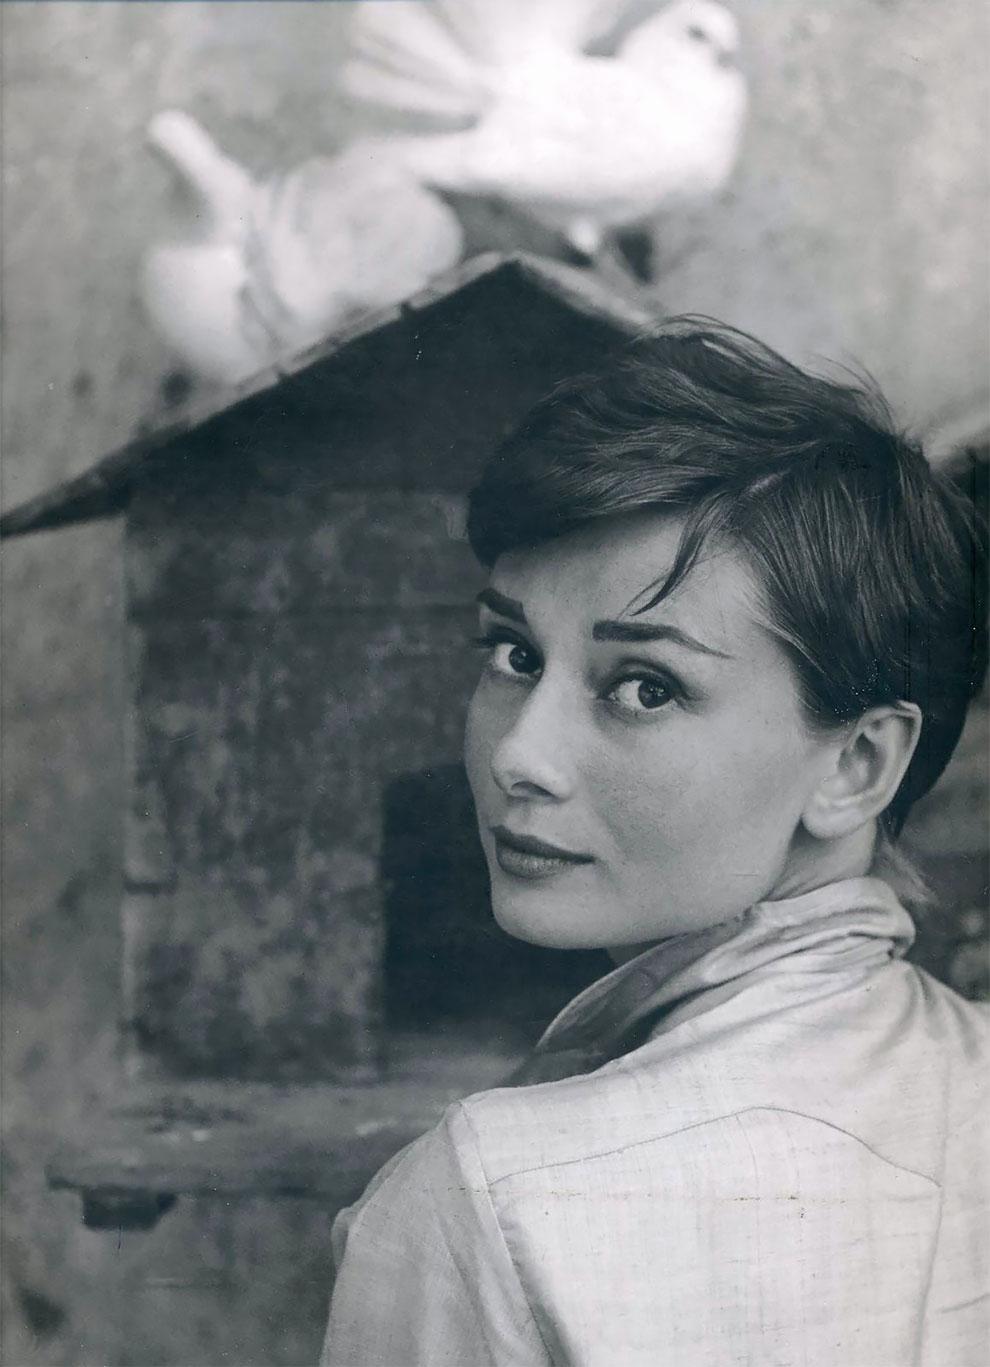 Знаменитости от гения портретной фотографии Филиппа Халсмана (10).jpg